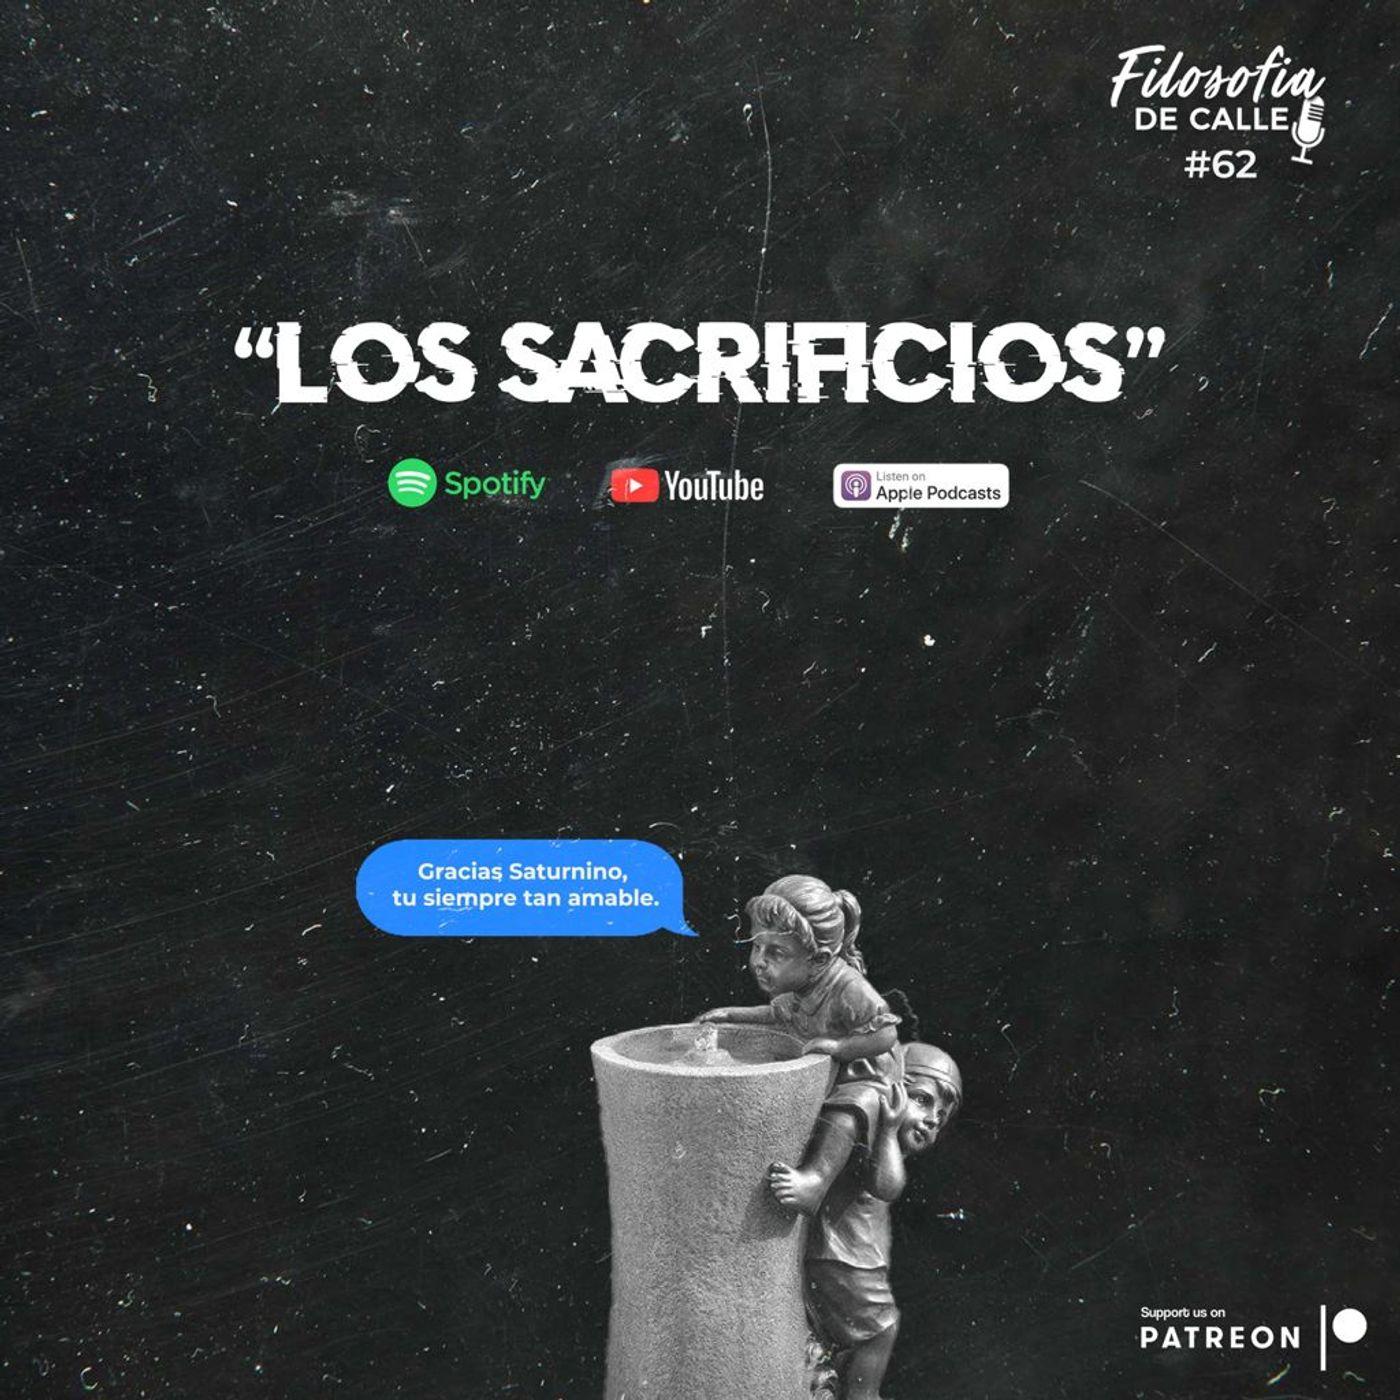 062. LOS SACRIFICIOS